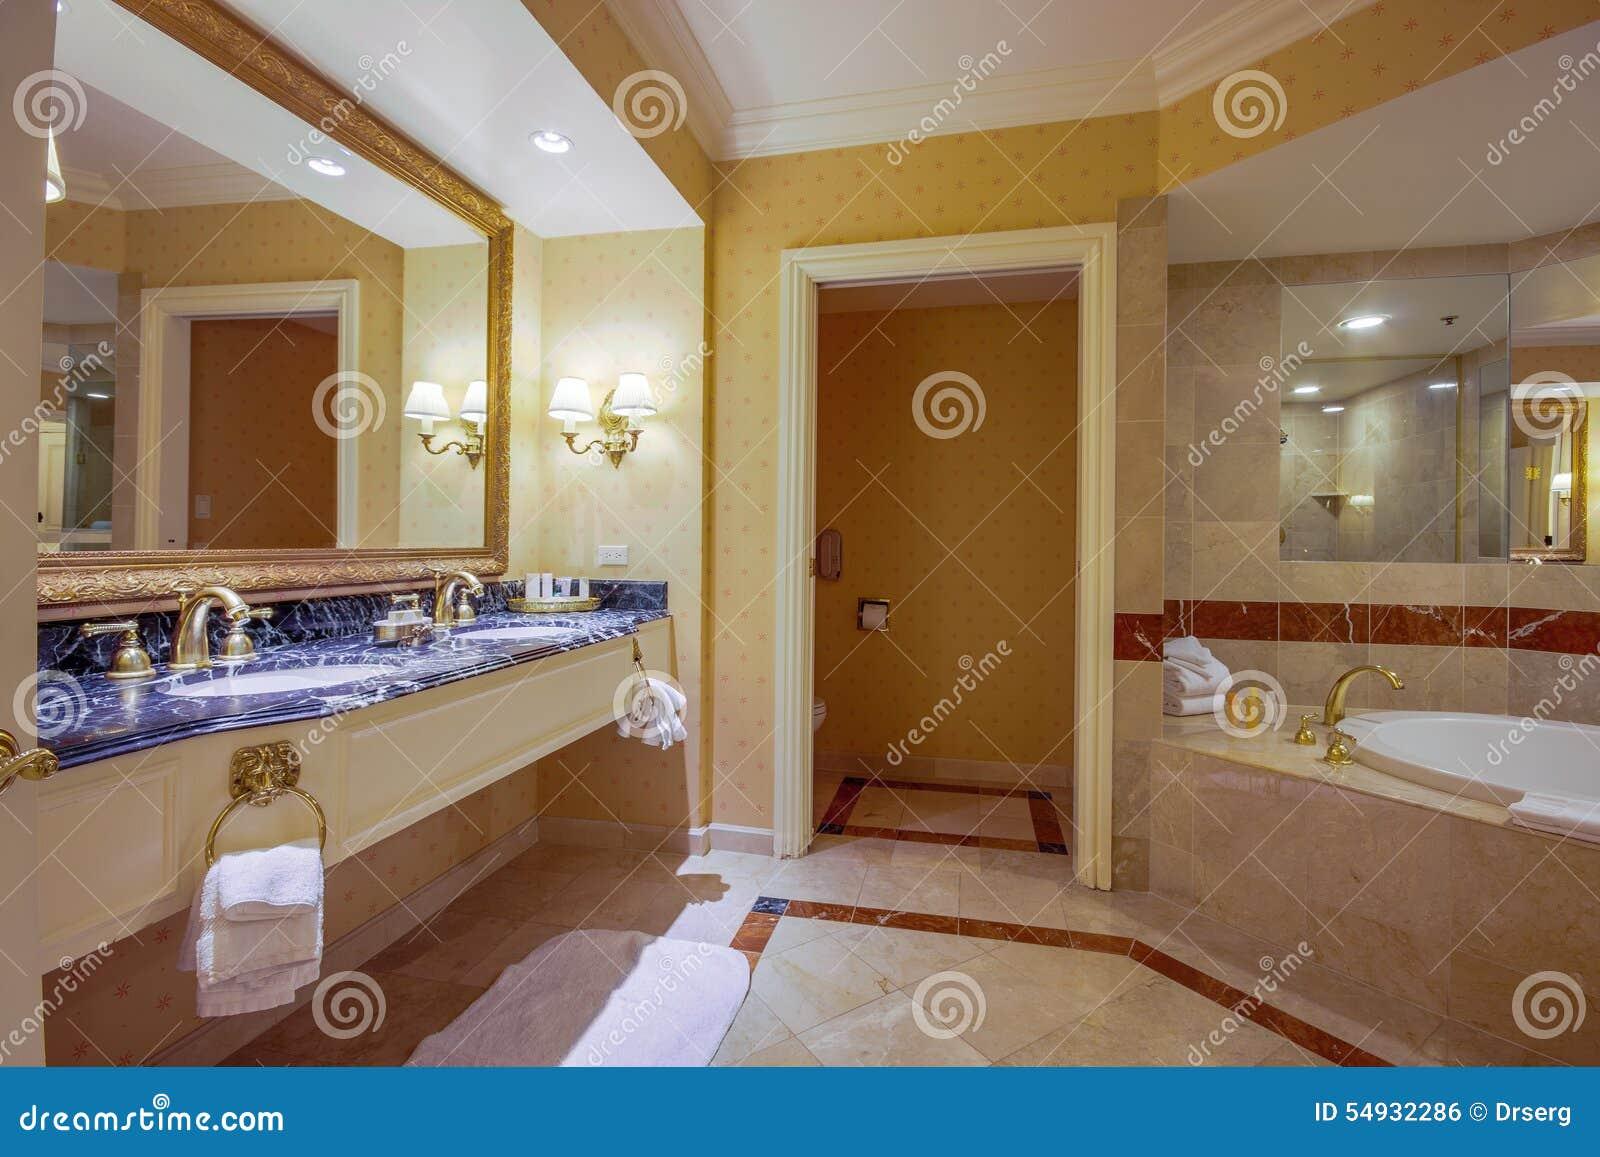 La Salle De Bains Moderne Avec La Baignoire De Jacuzzi D ...